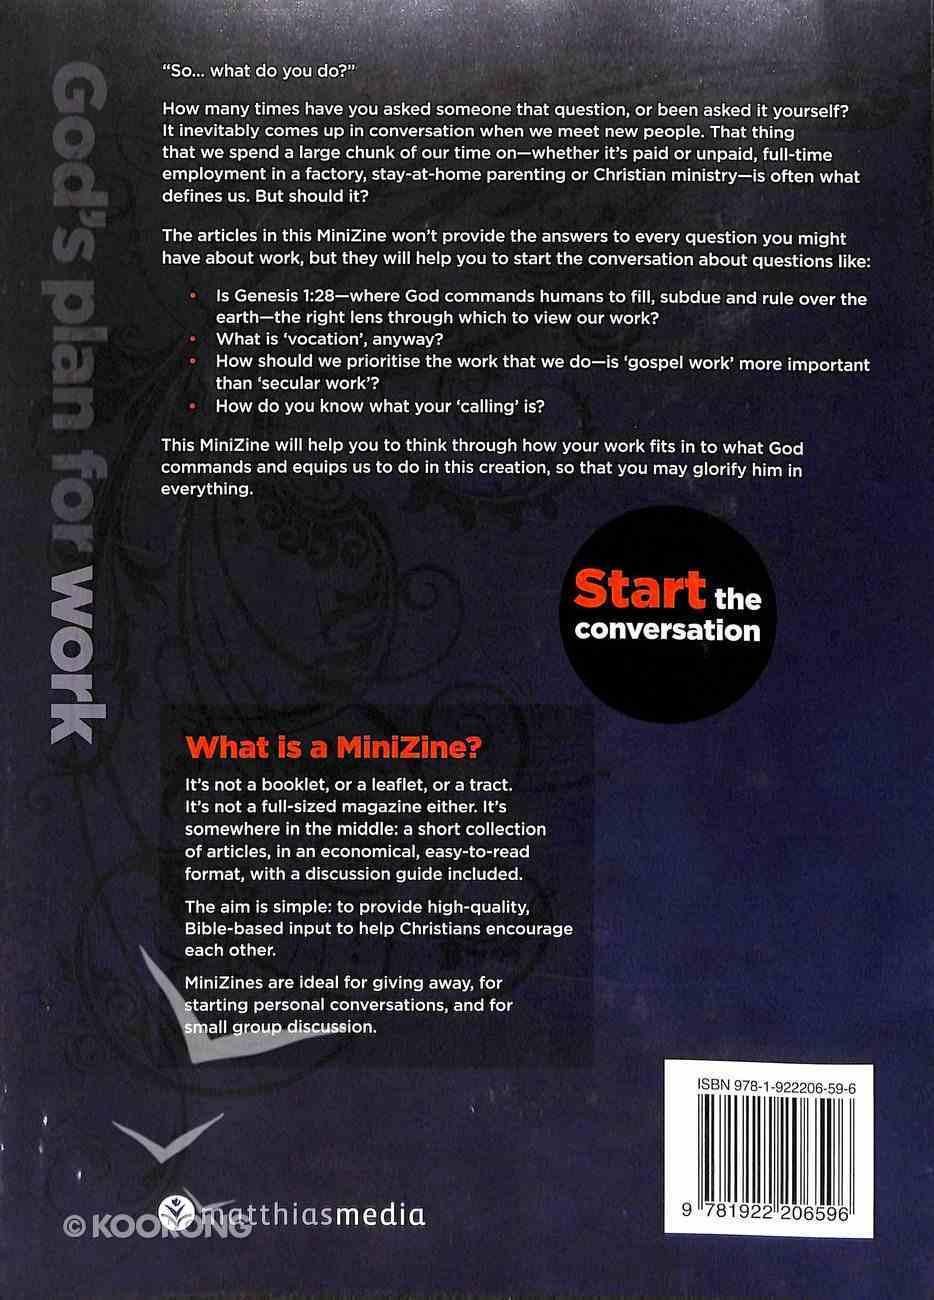 God's Plan For Work (Matthias Minizines Series) Magazine